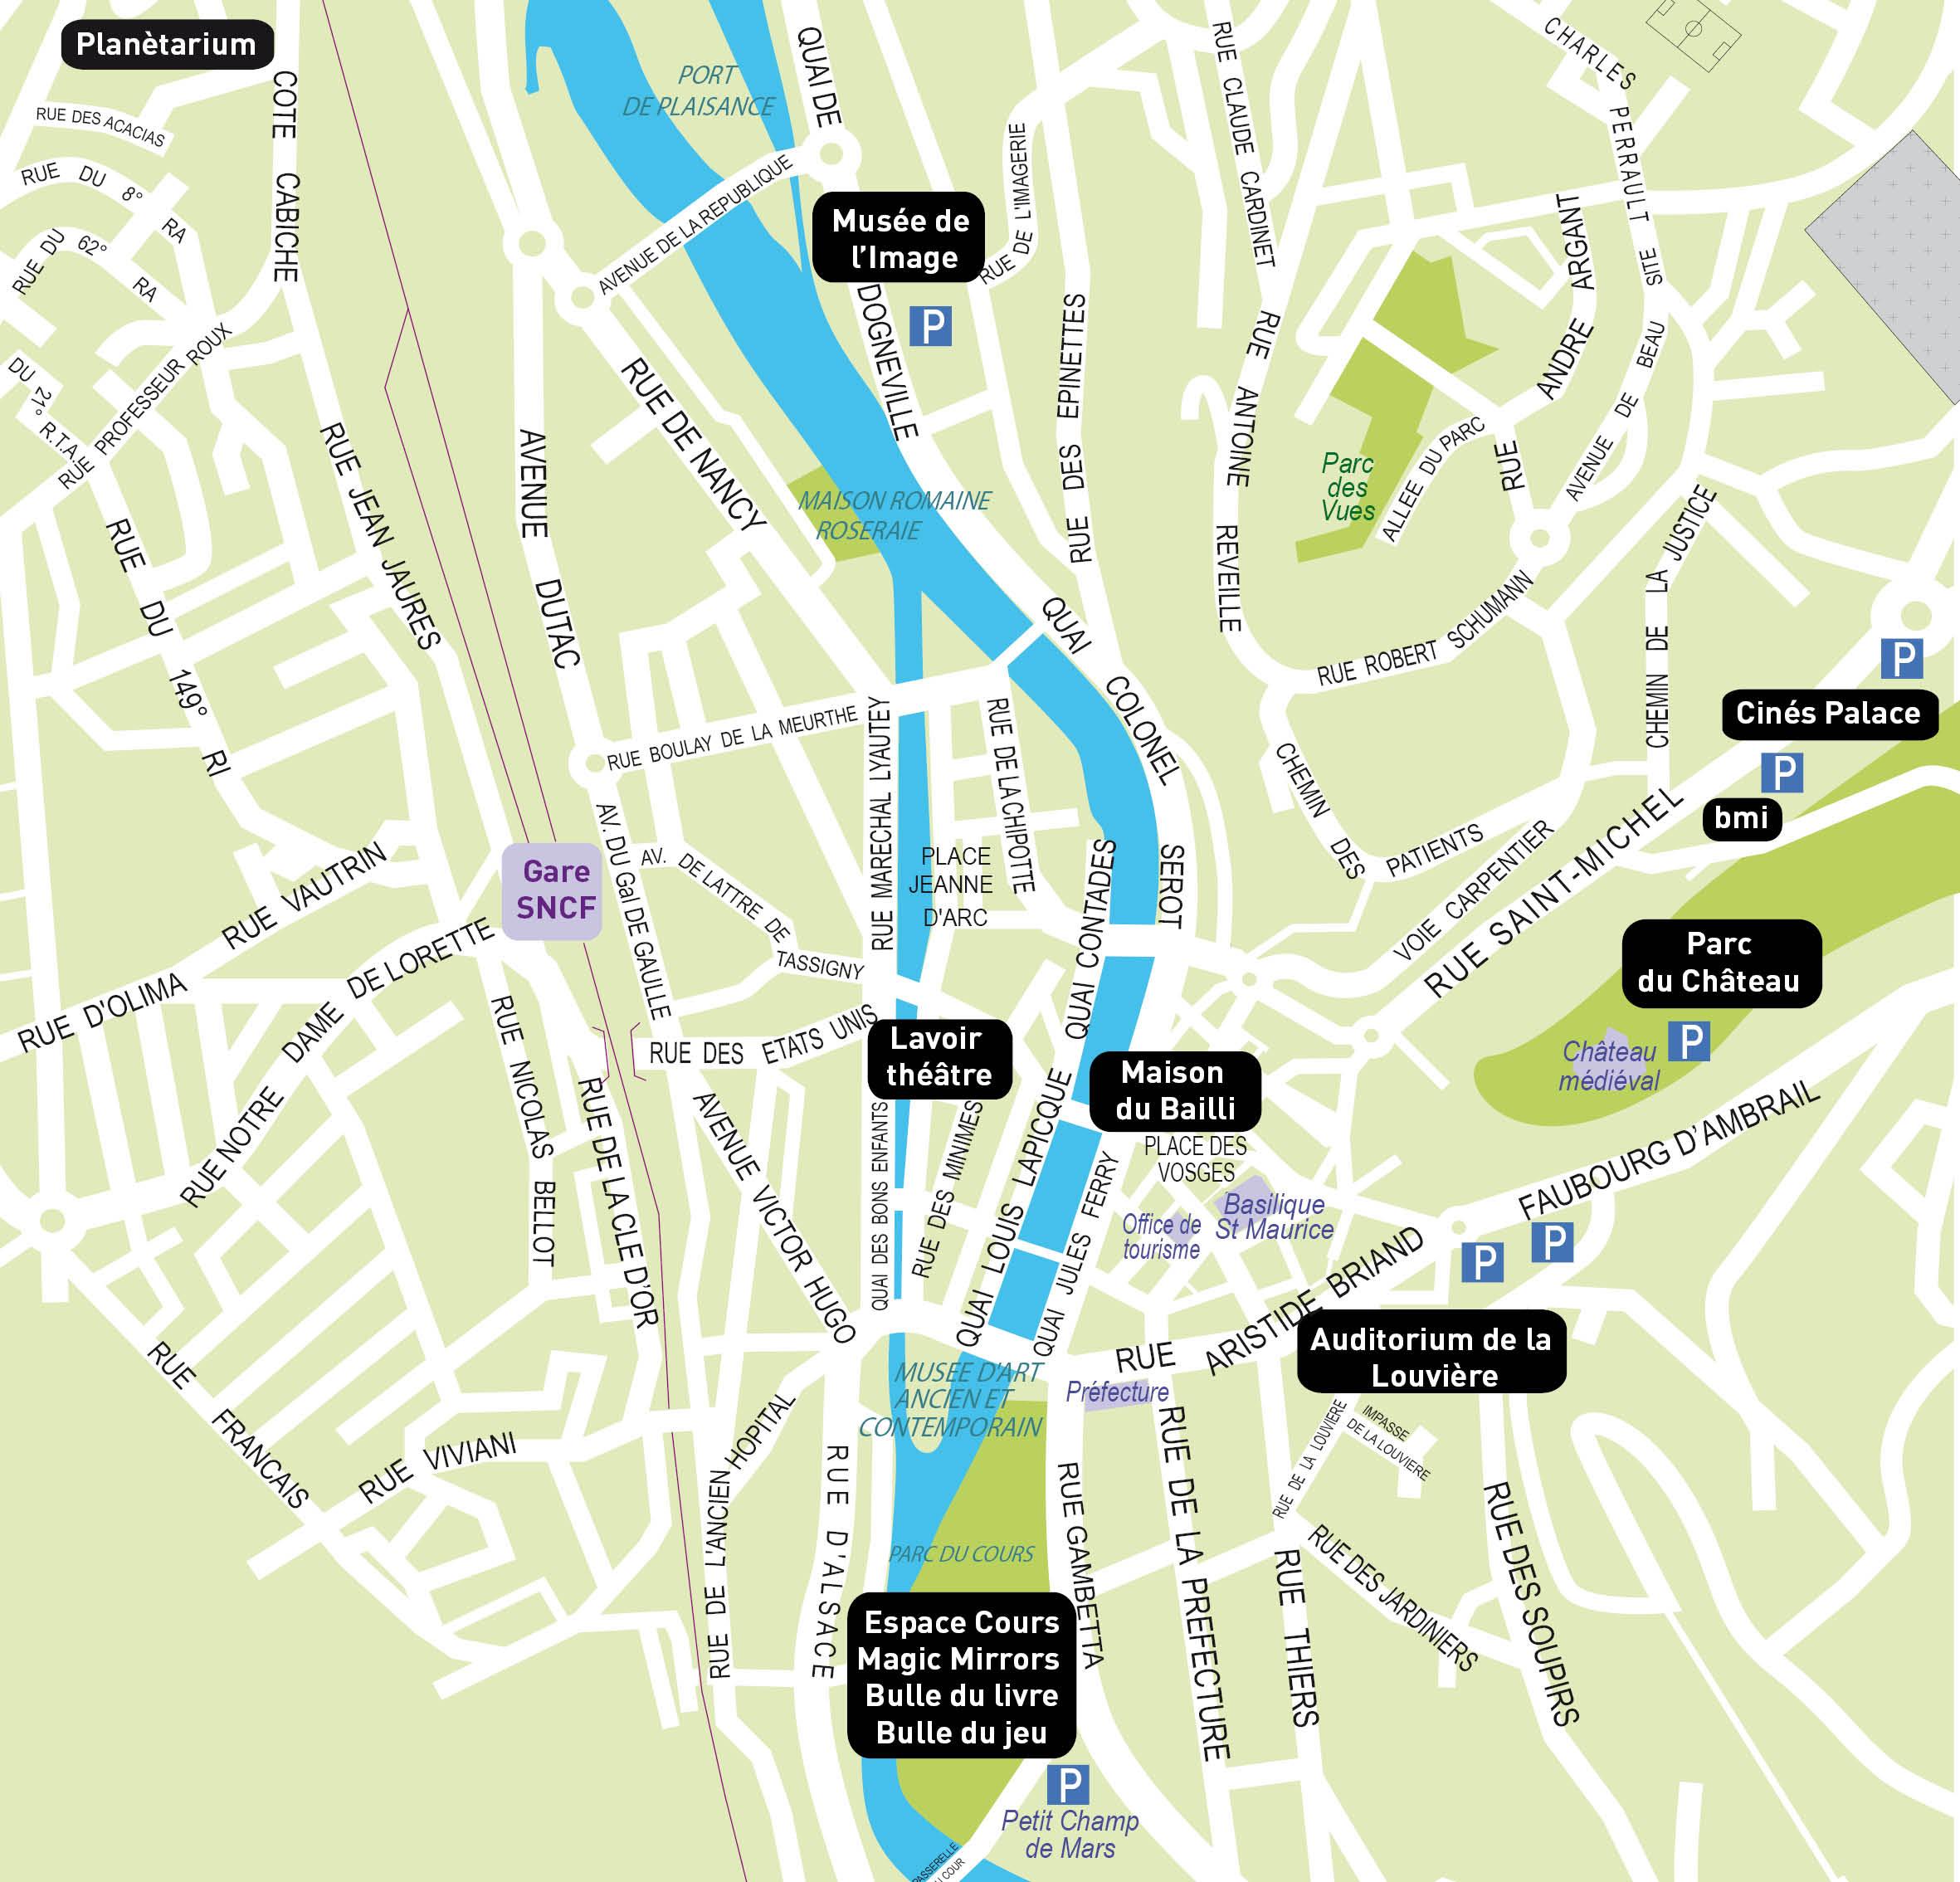 Imaginales 2012 à Epinal - Page 2 Plan_ima2012